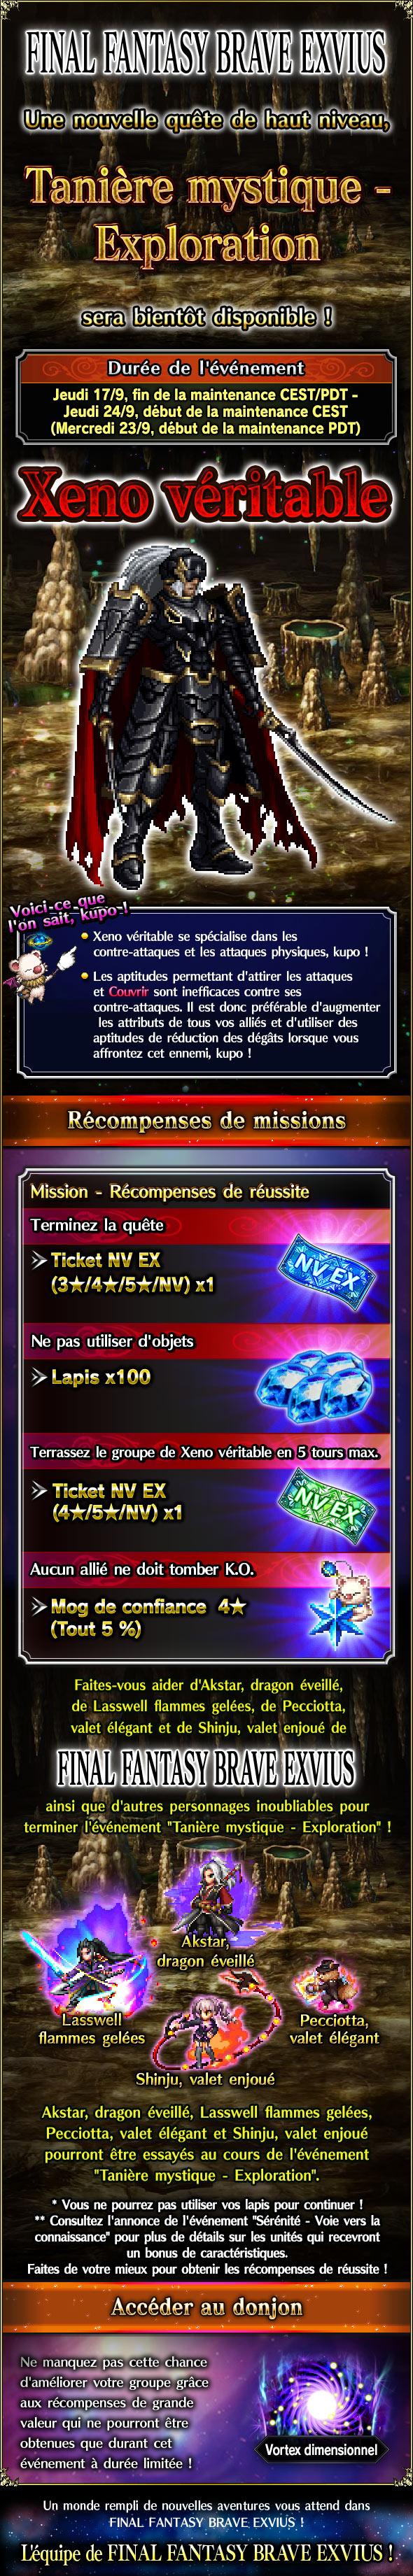 Trial MK FFBE - Tanière mystique (Exploration) - du 17/09 au 24/09/20 20200915FFBEMysticDenExploration